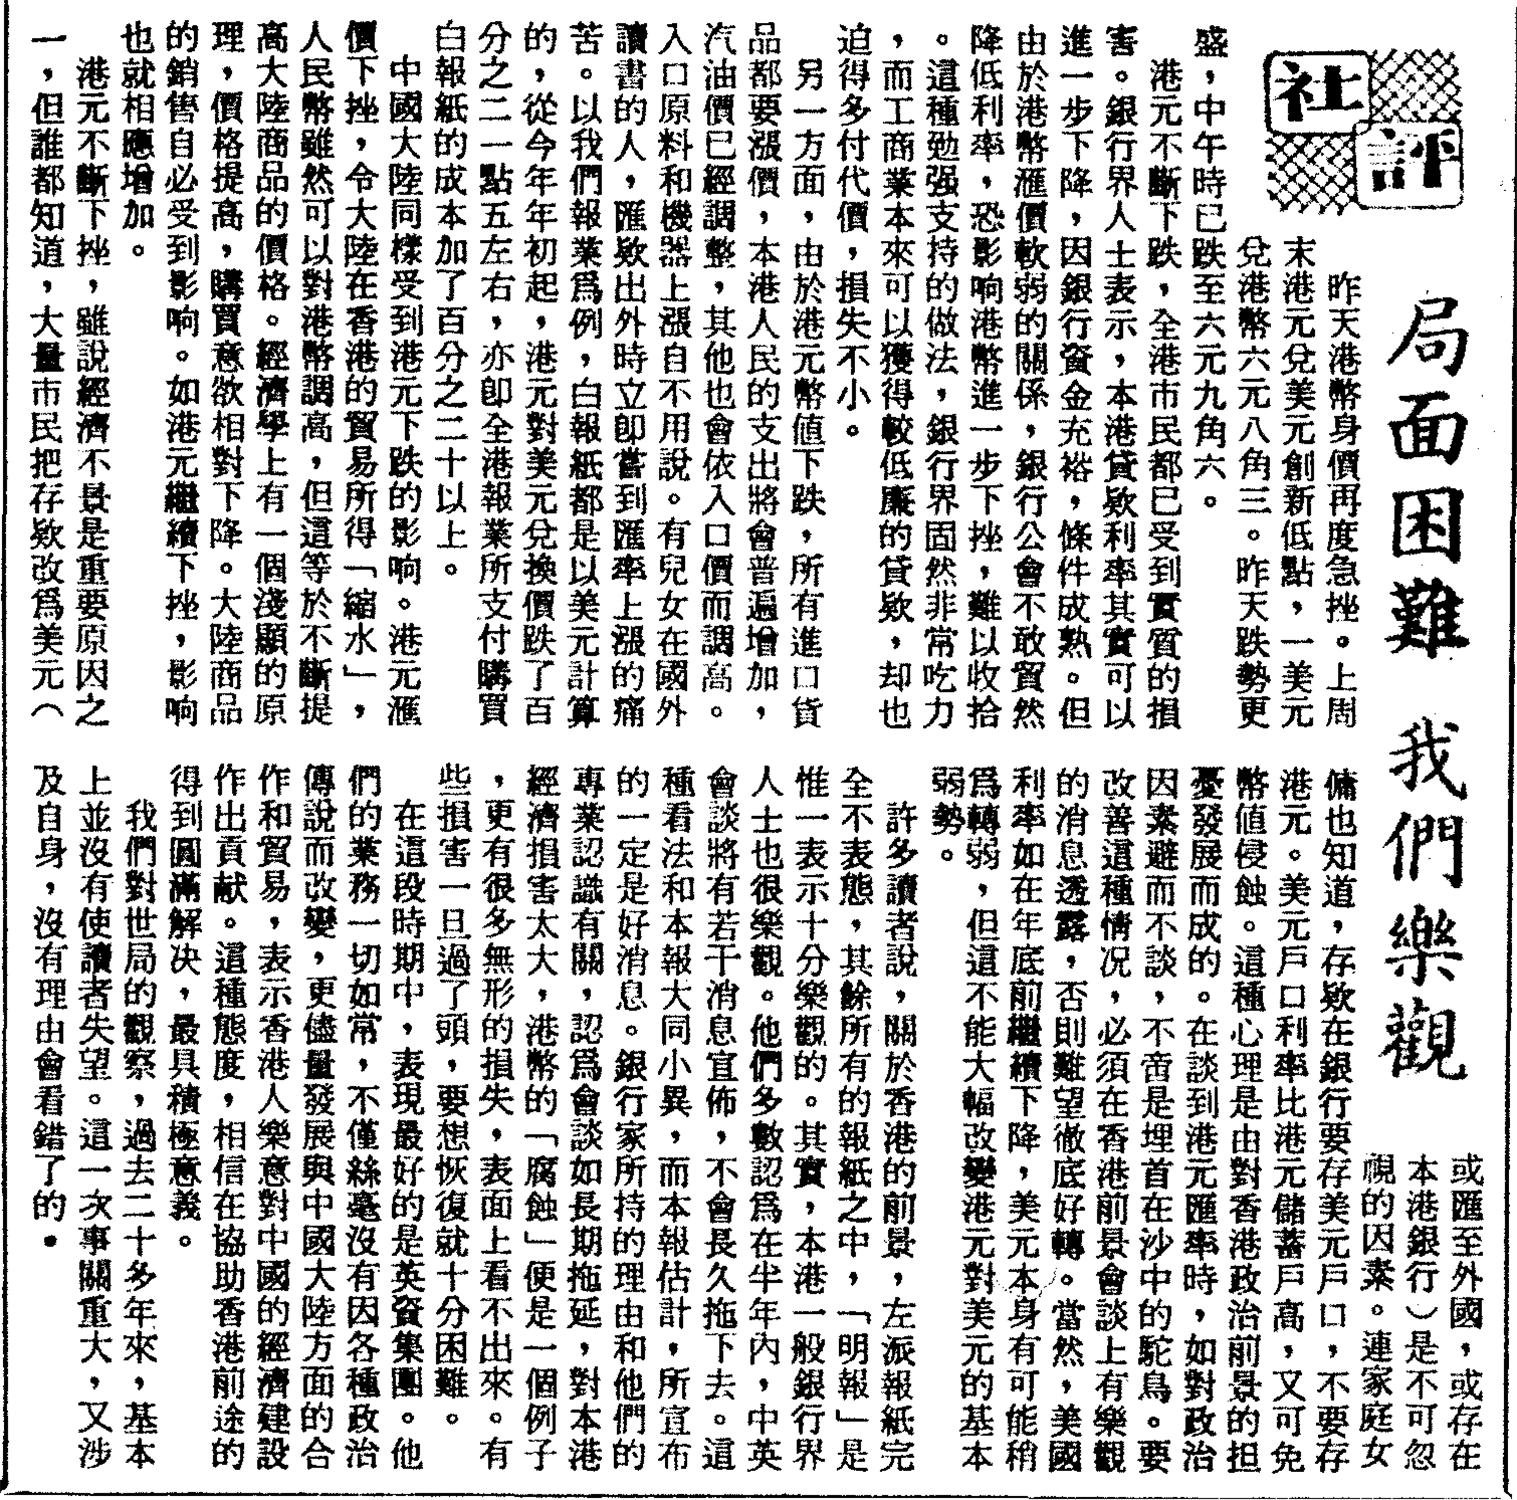 1982年10月27日明報社評